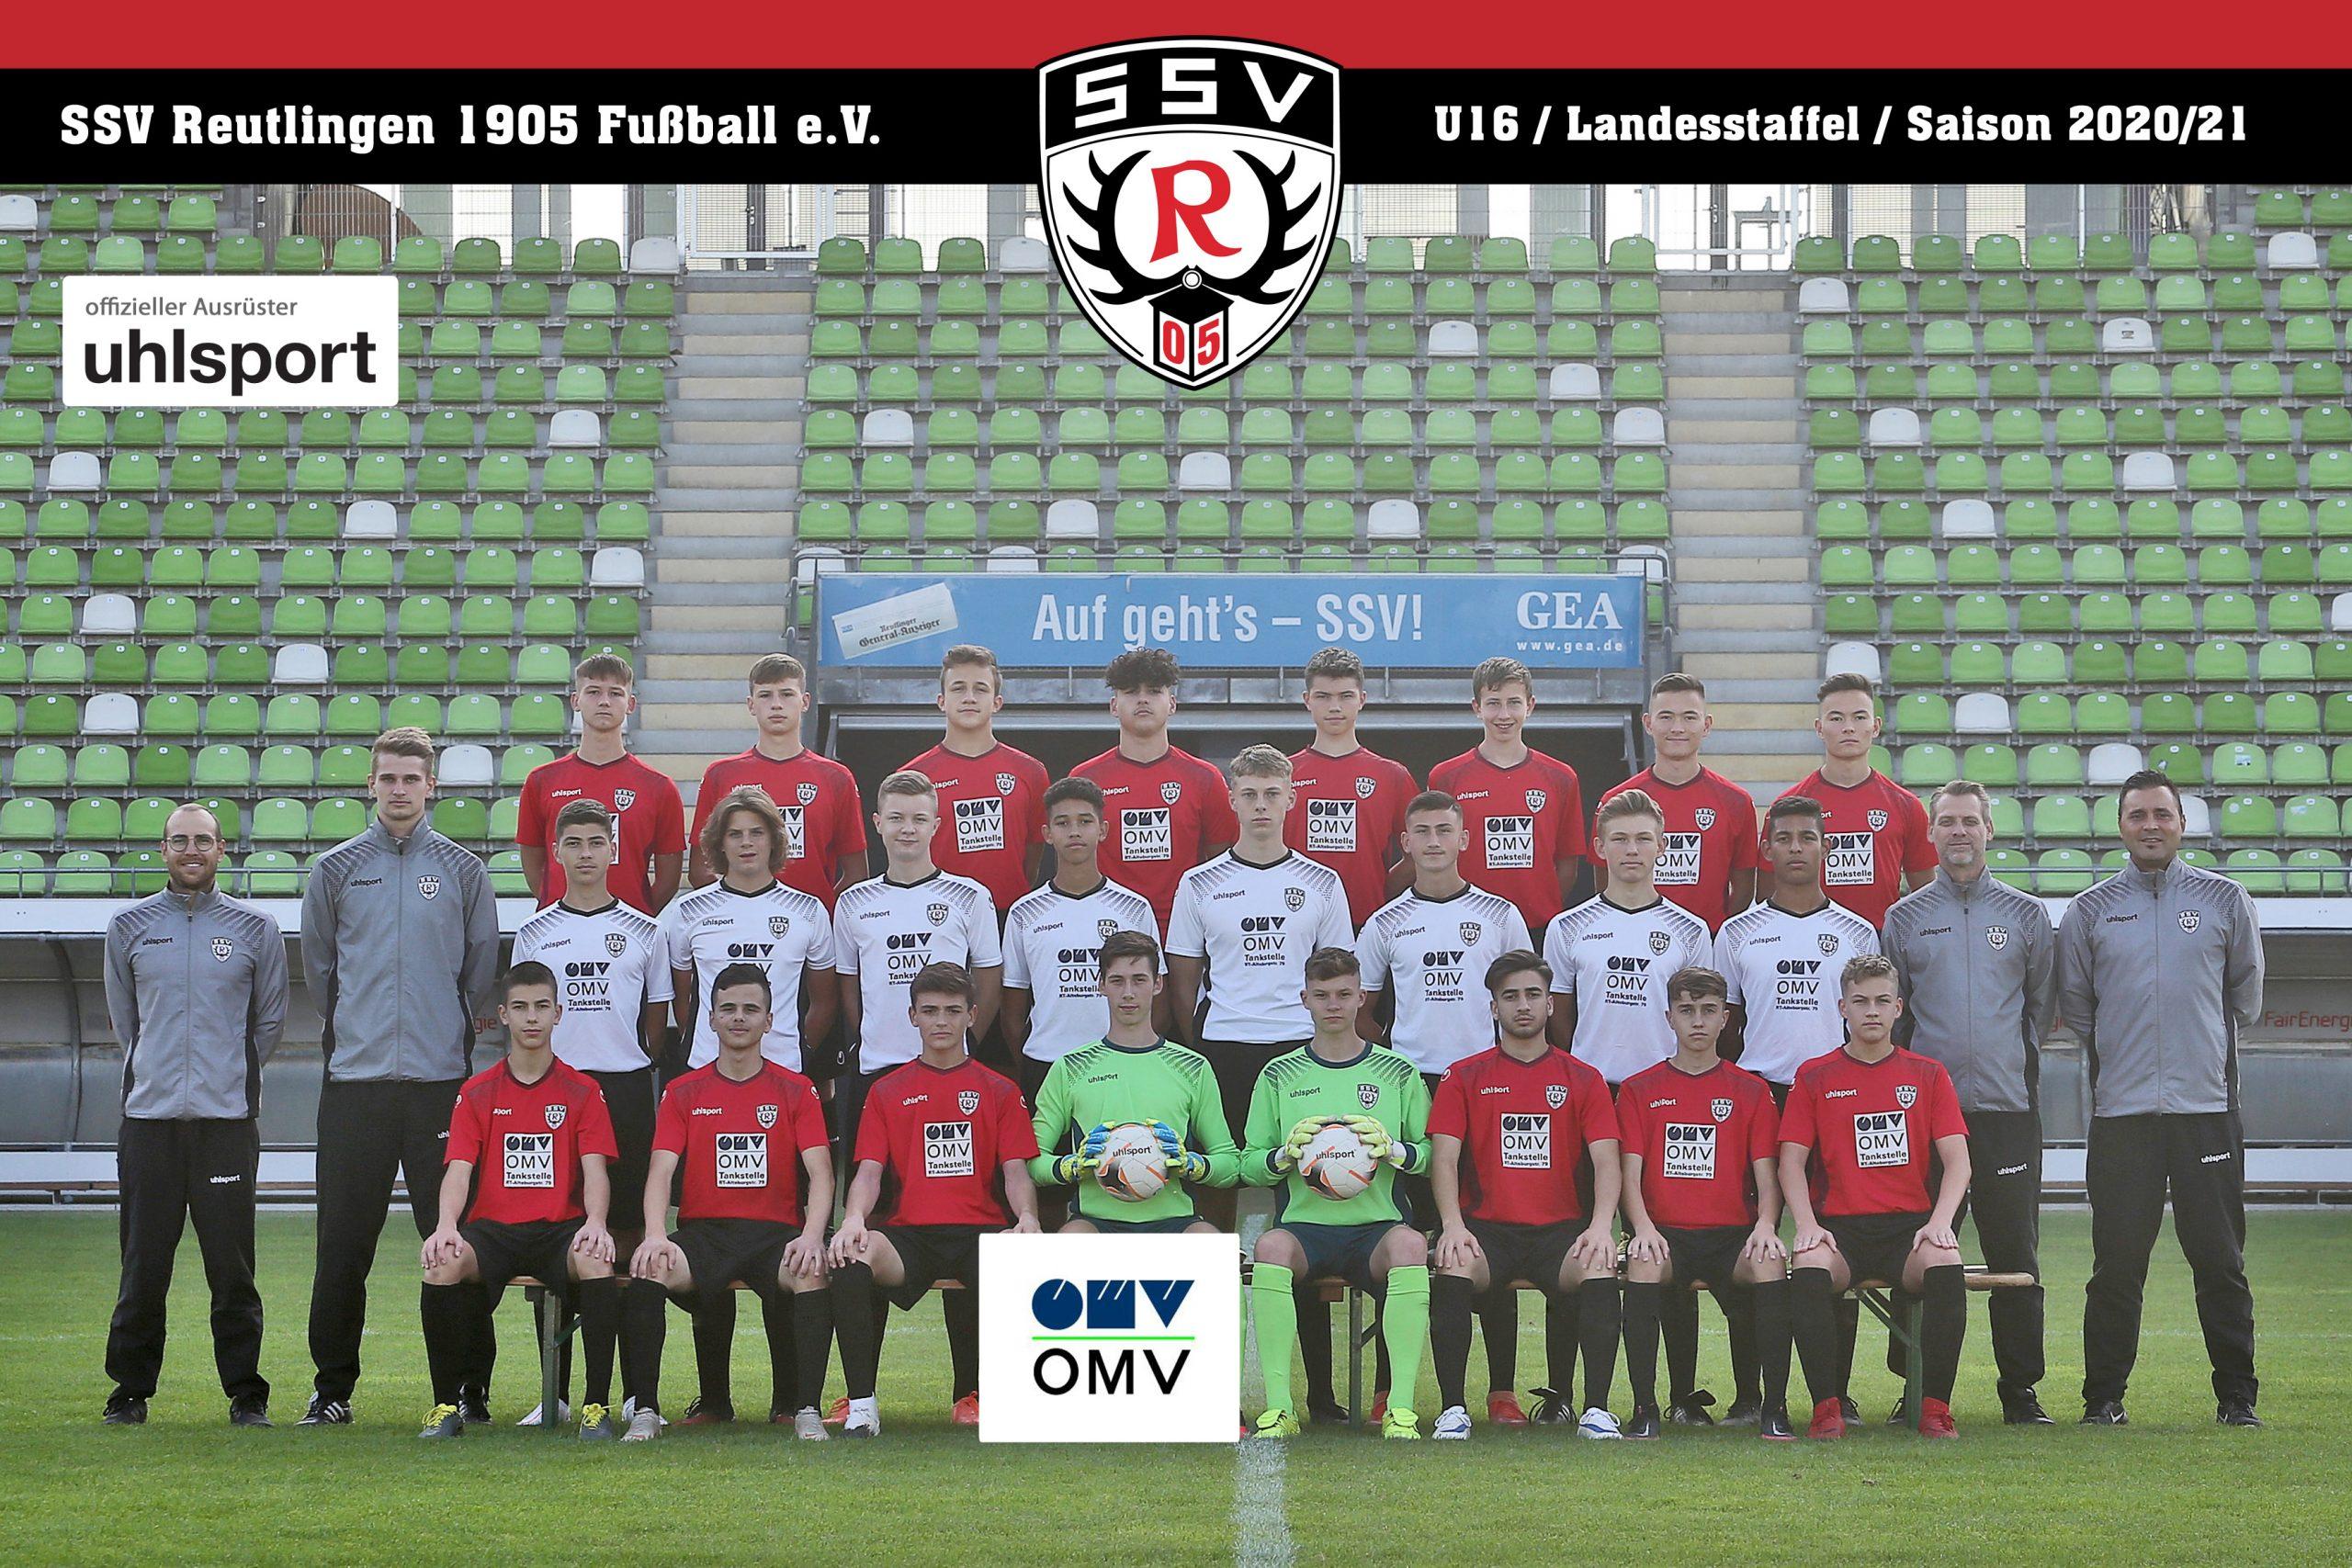 Fussball | SSV Reutlingen / Mannschaft U16 - Saison 2020/21